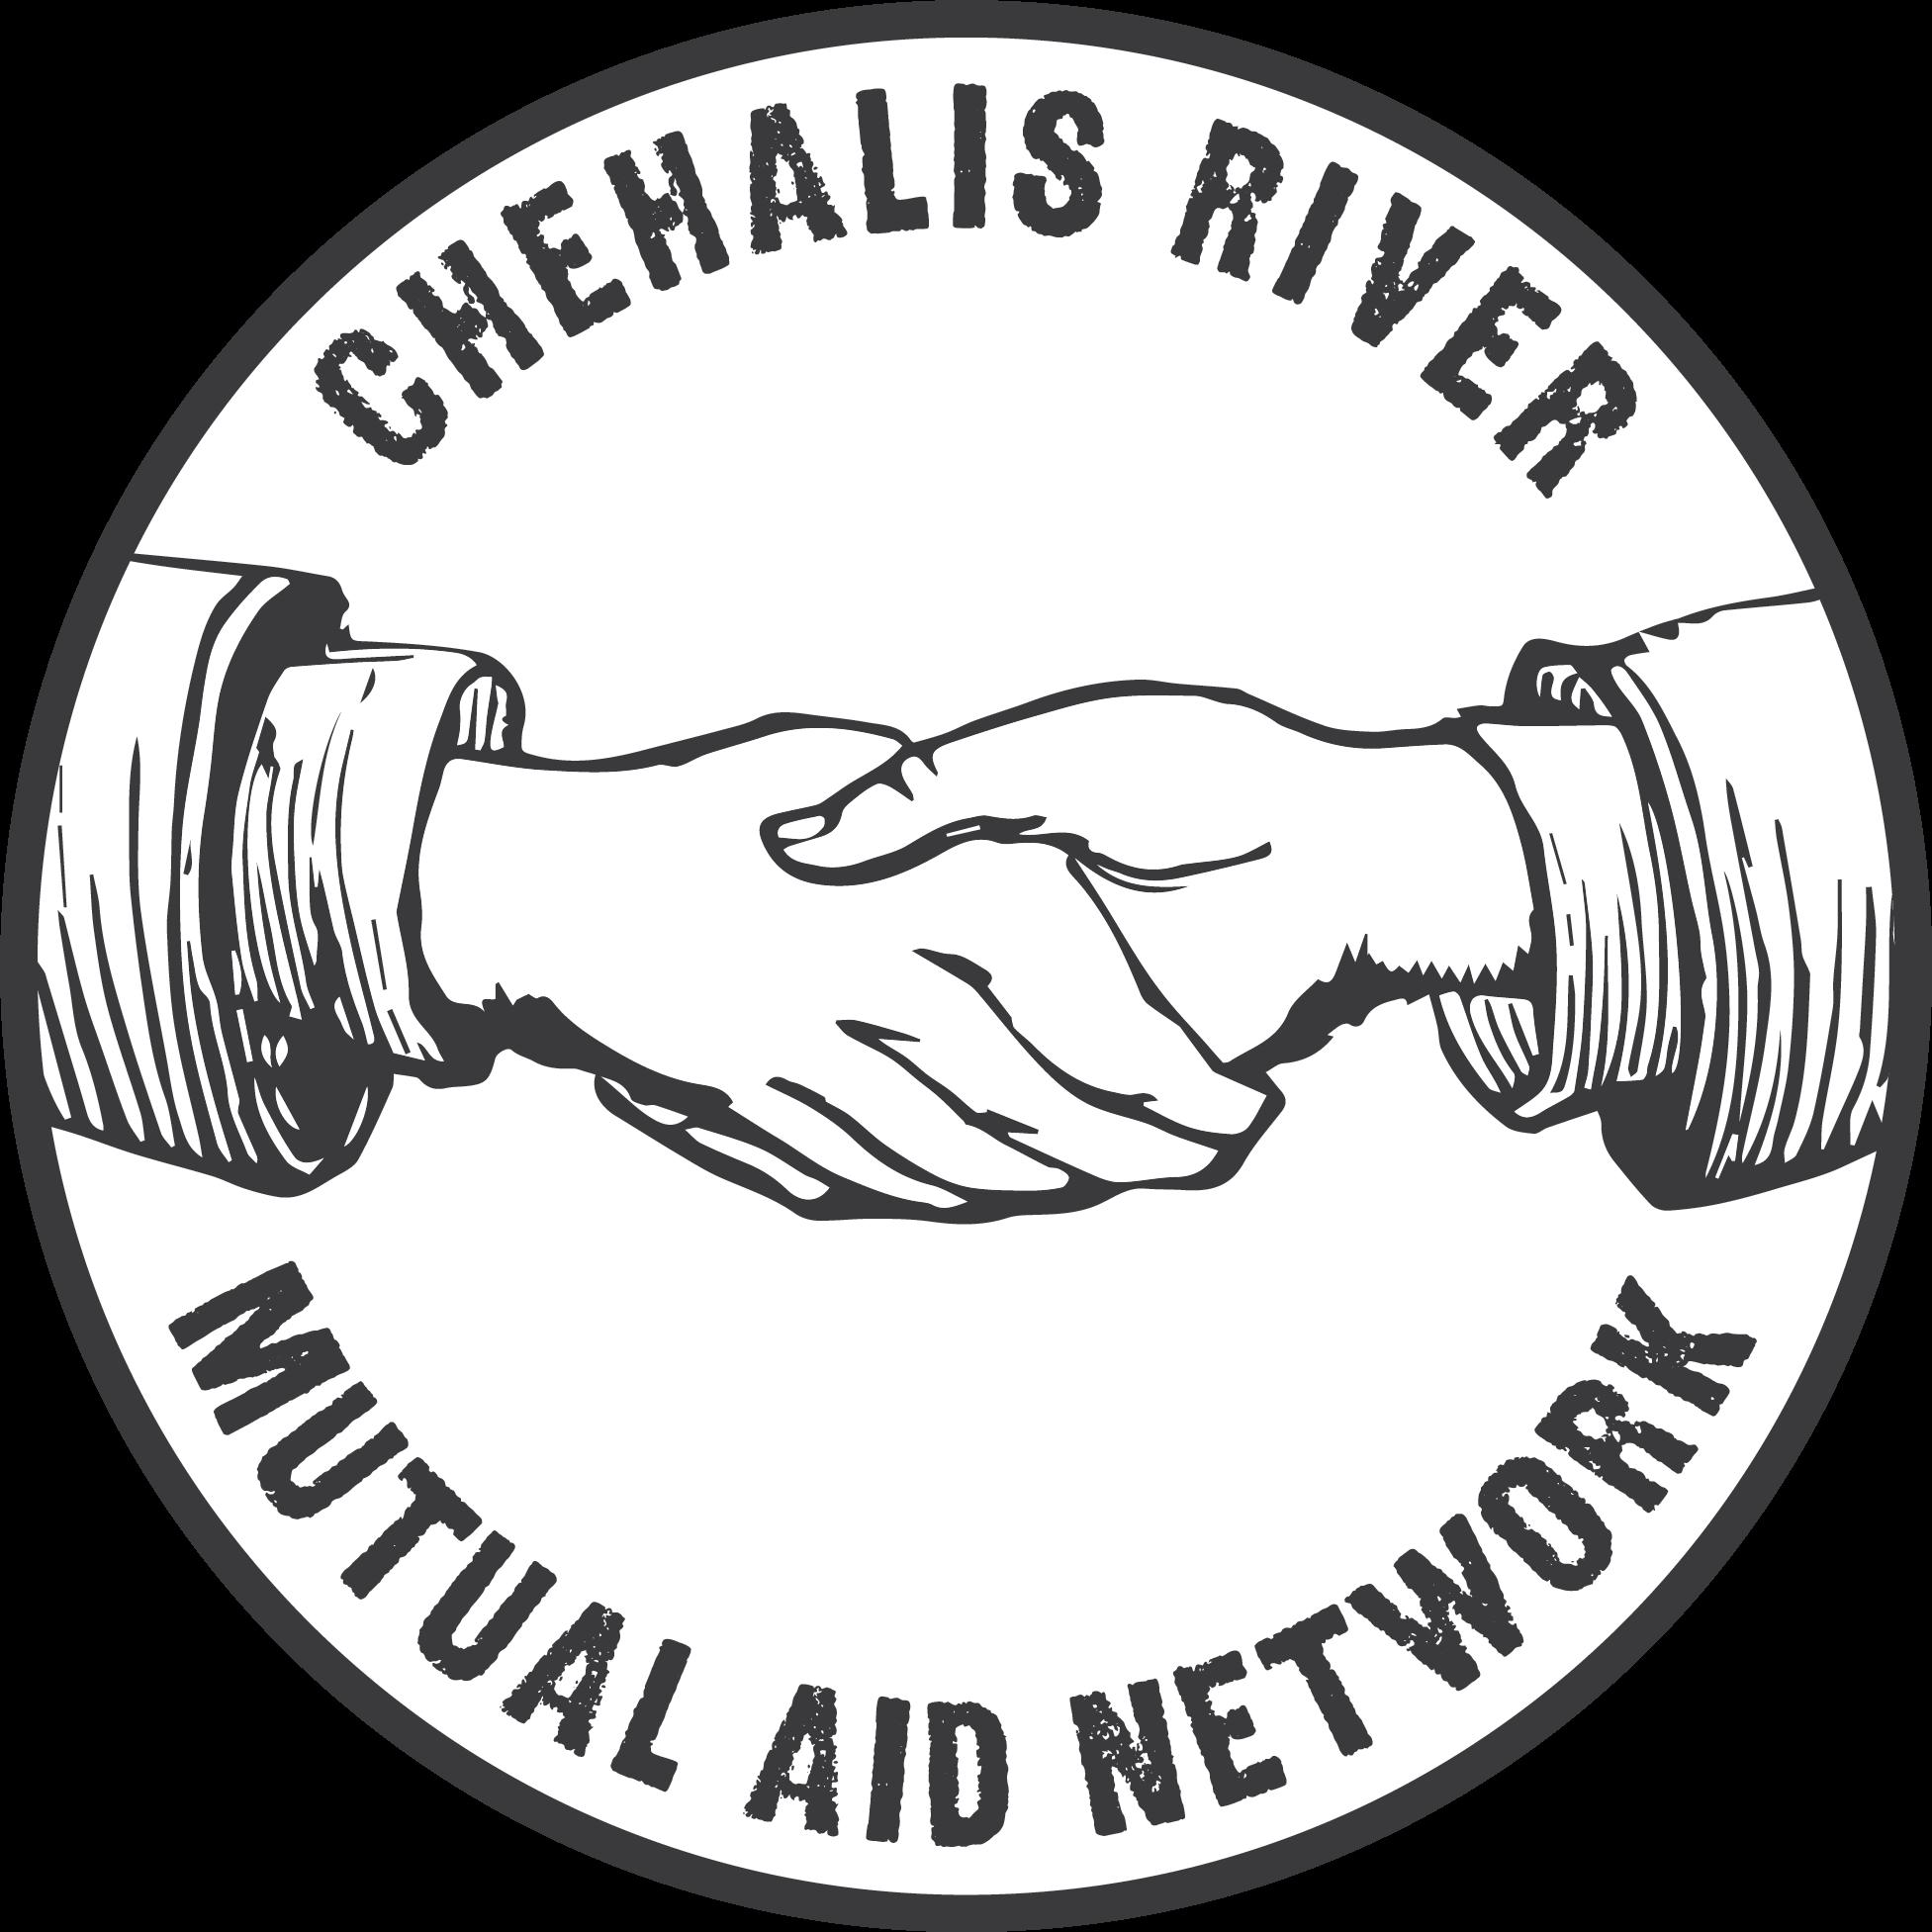 Chehalis River Mutual Aid Network